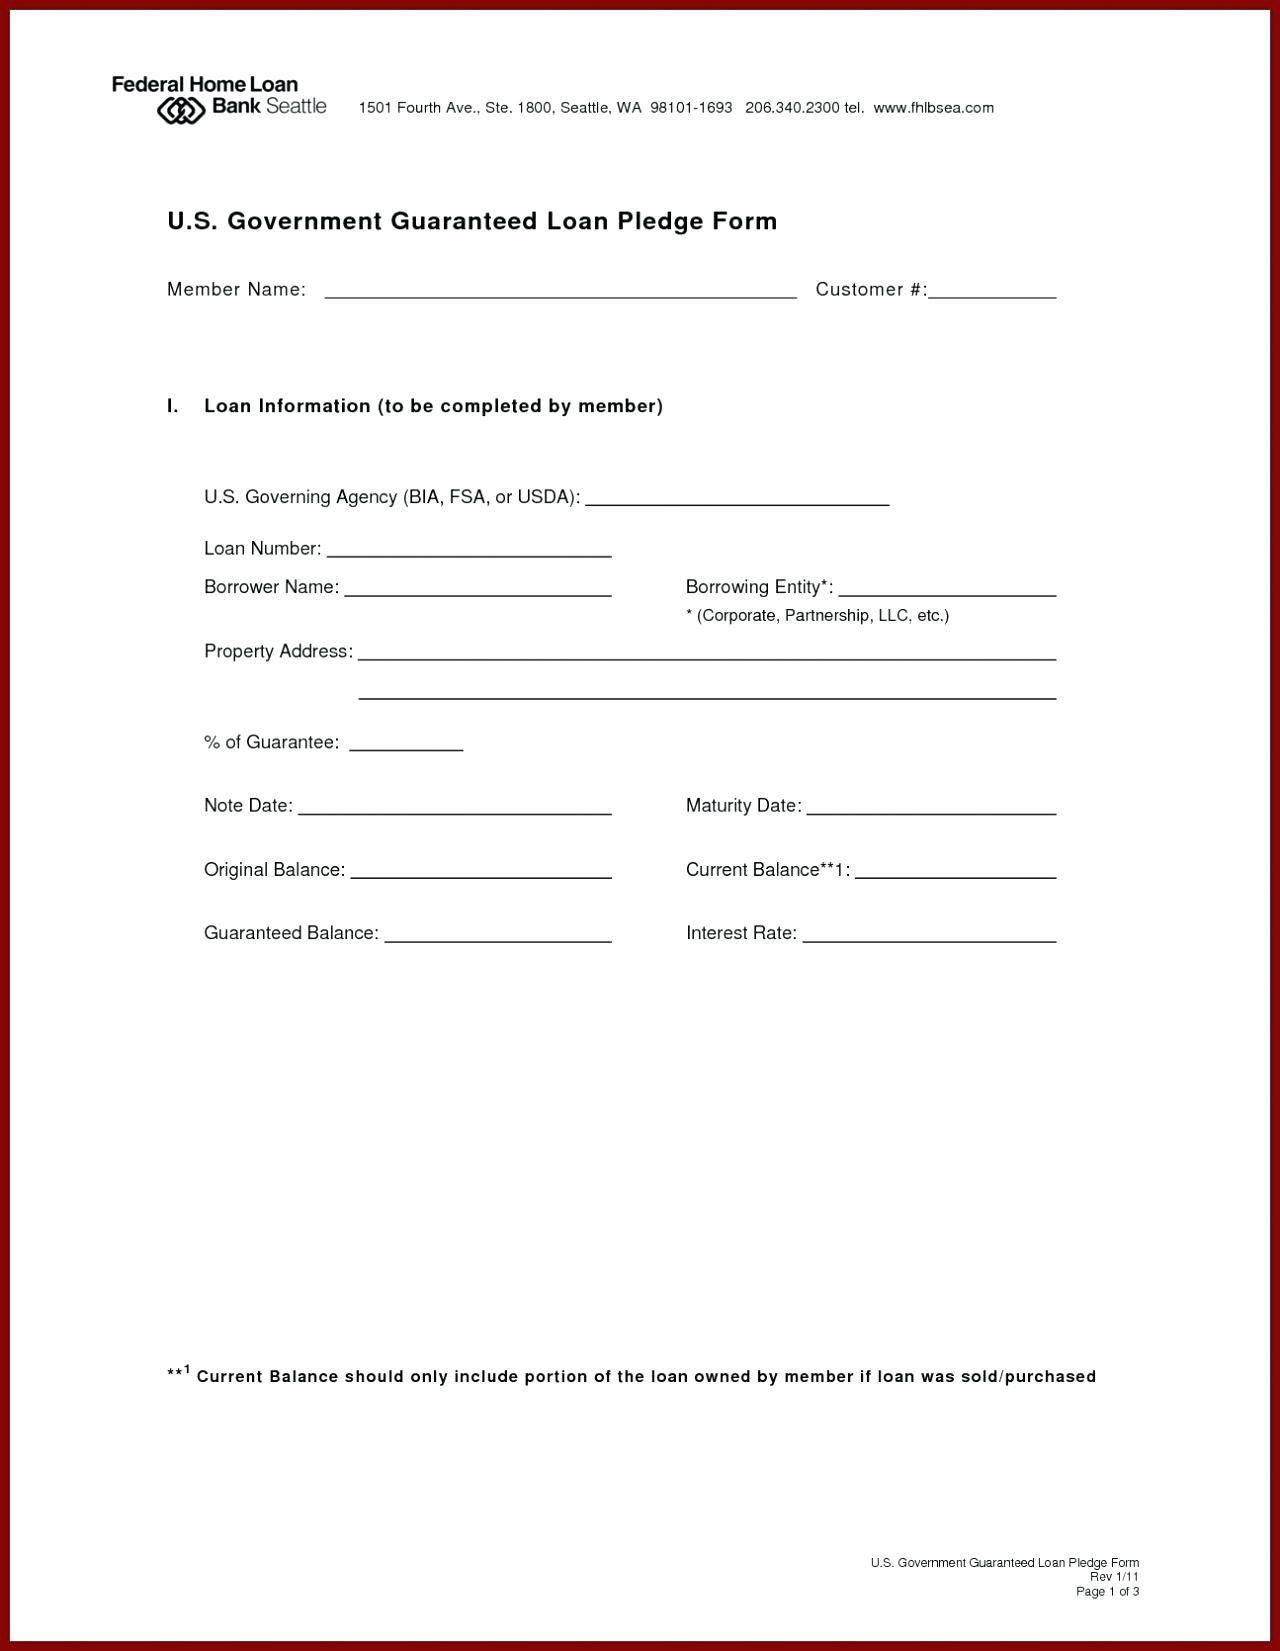 Template Loan Agreement Between Family Members Uk